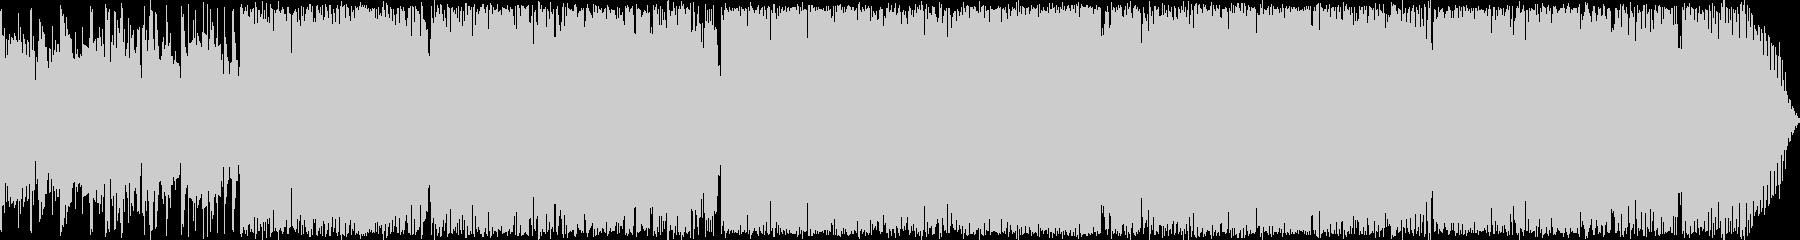 ポップ 電子打楽器 技術的な 説明...の未再生の波形